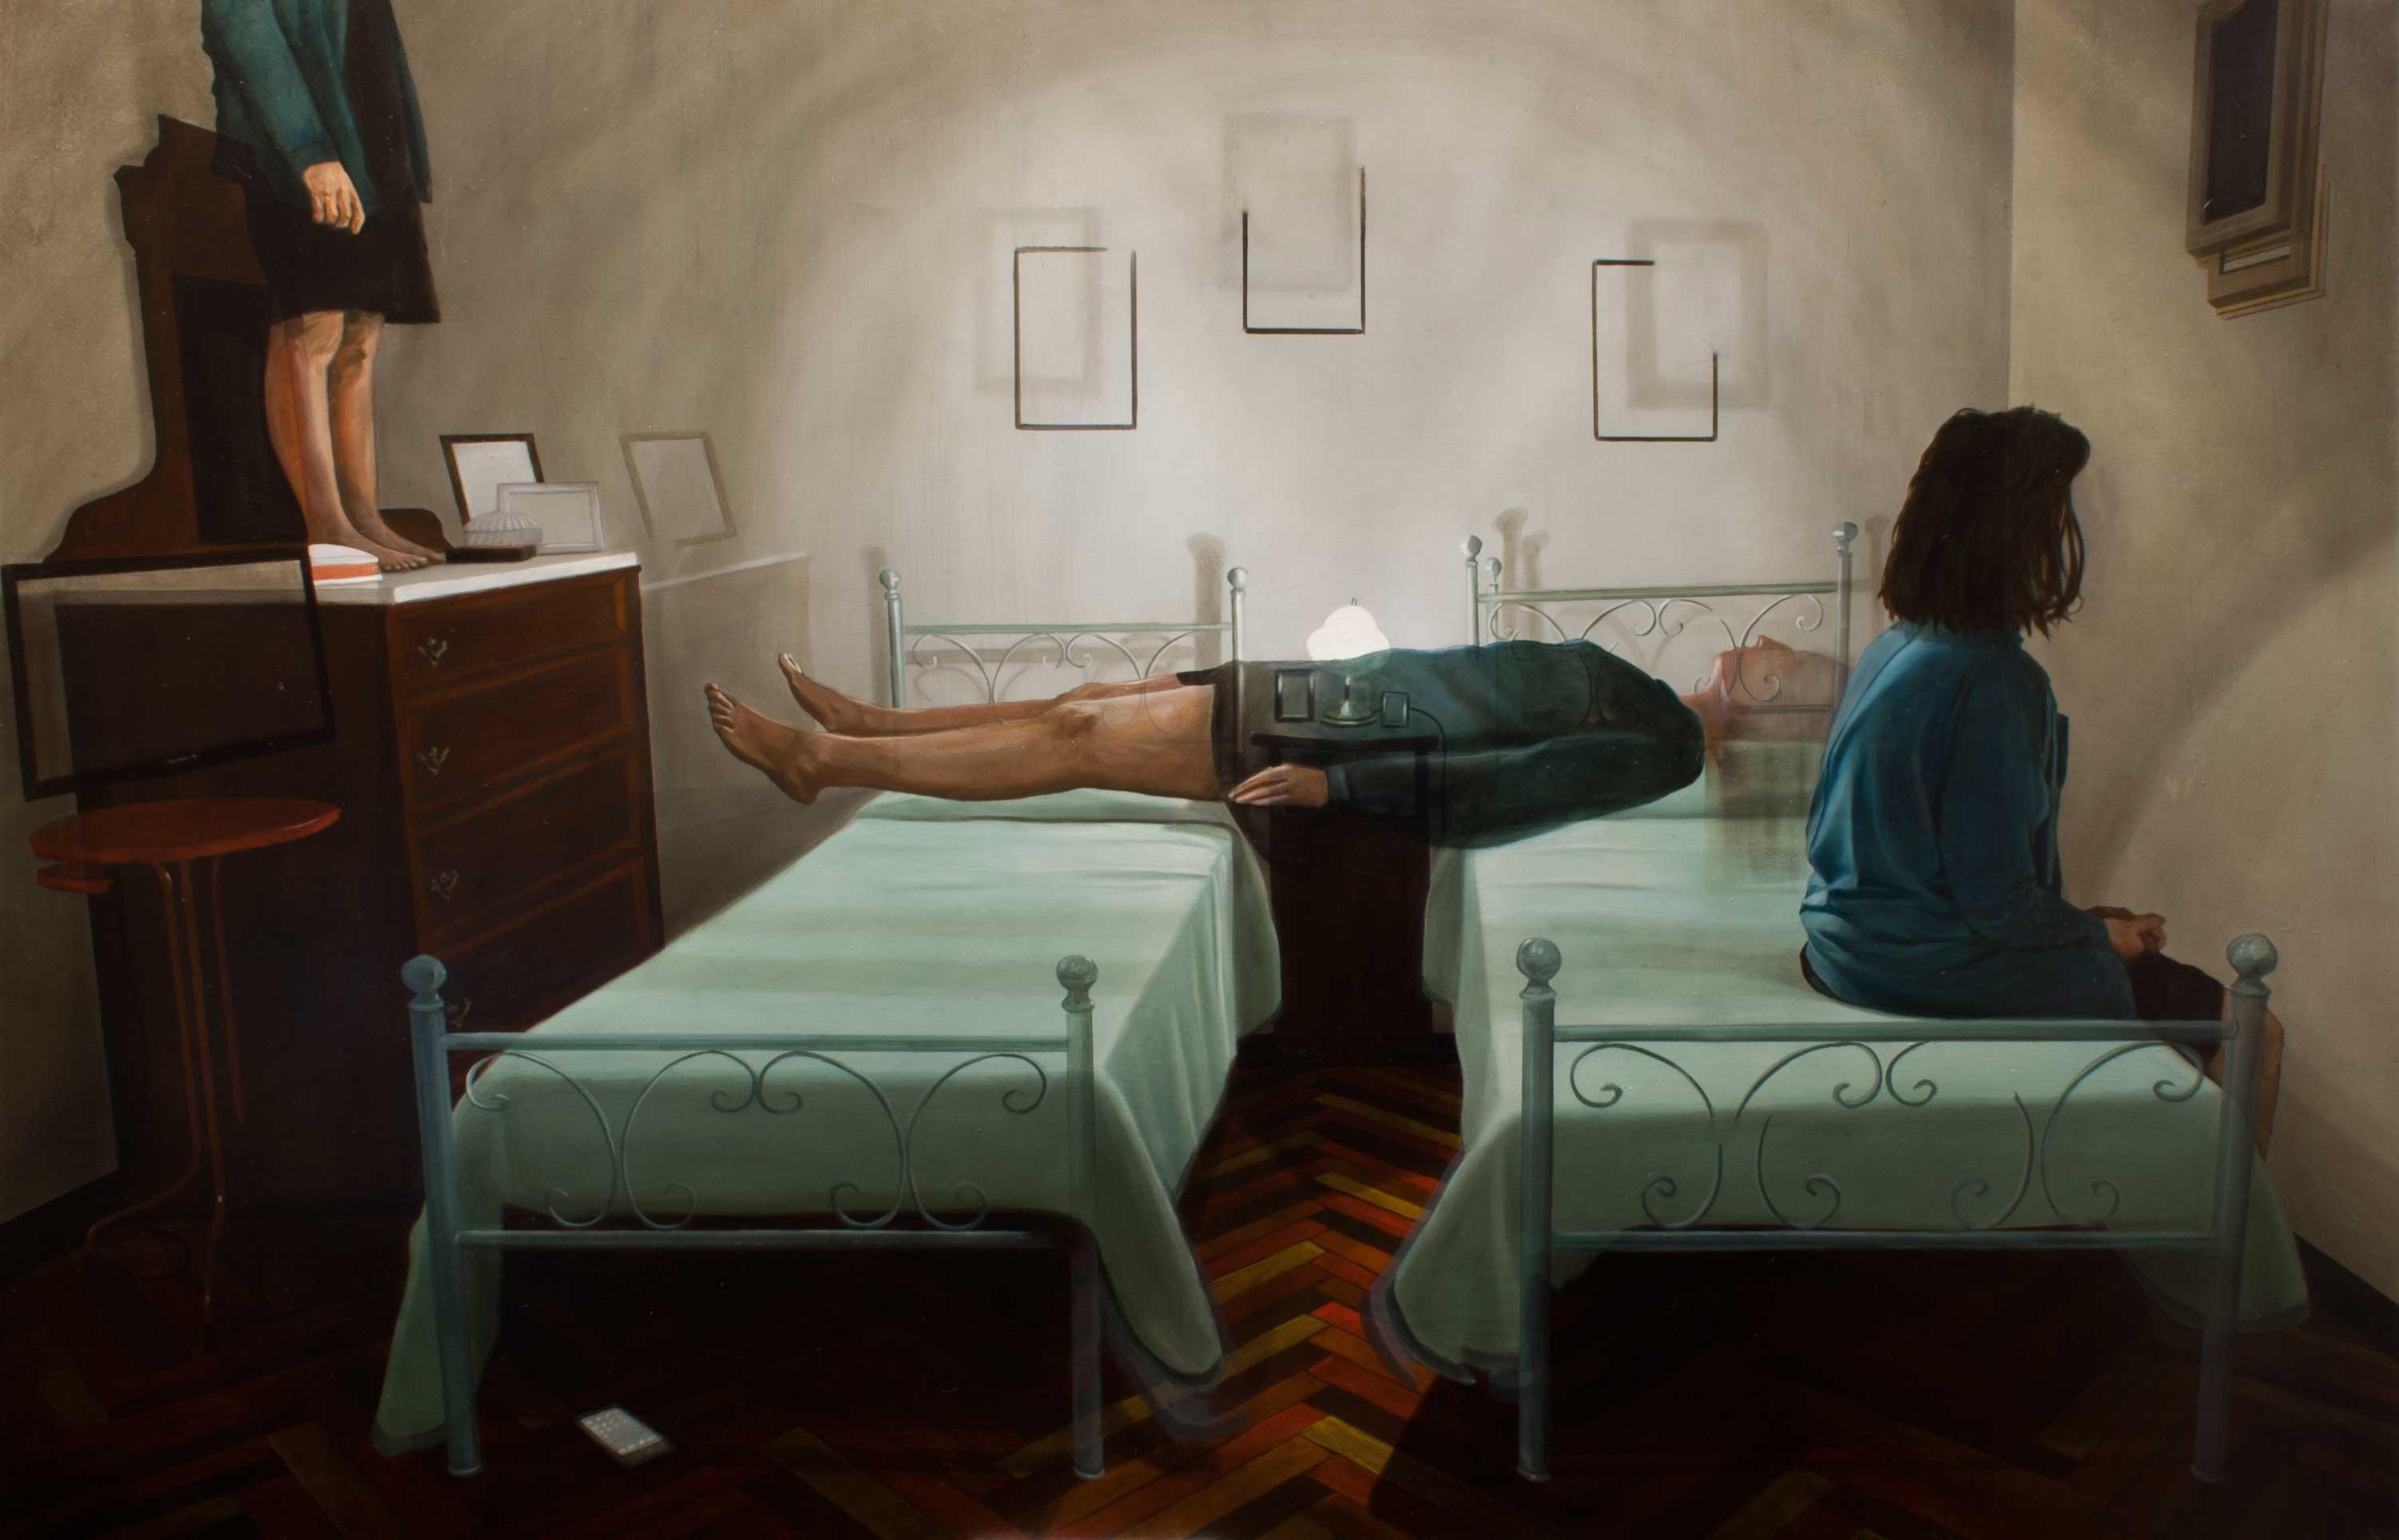 pinturas acrílicas de dario Maglionico